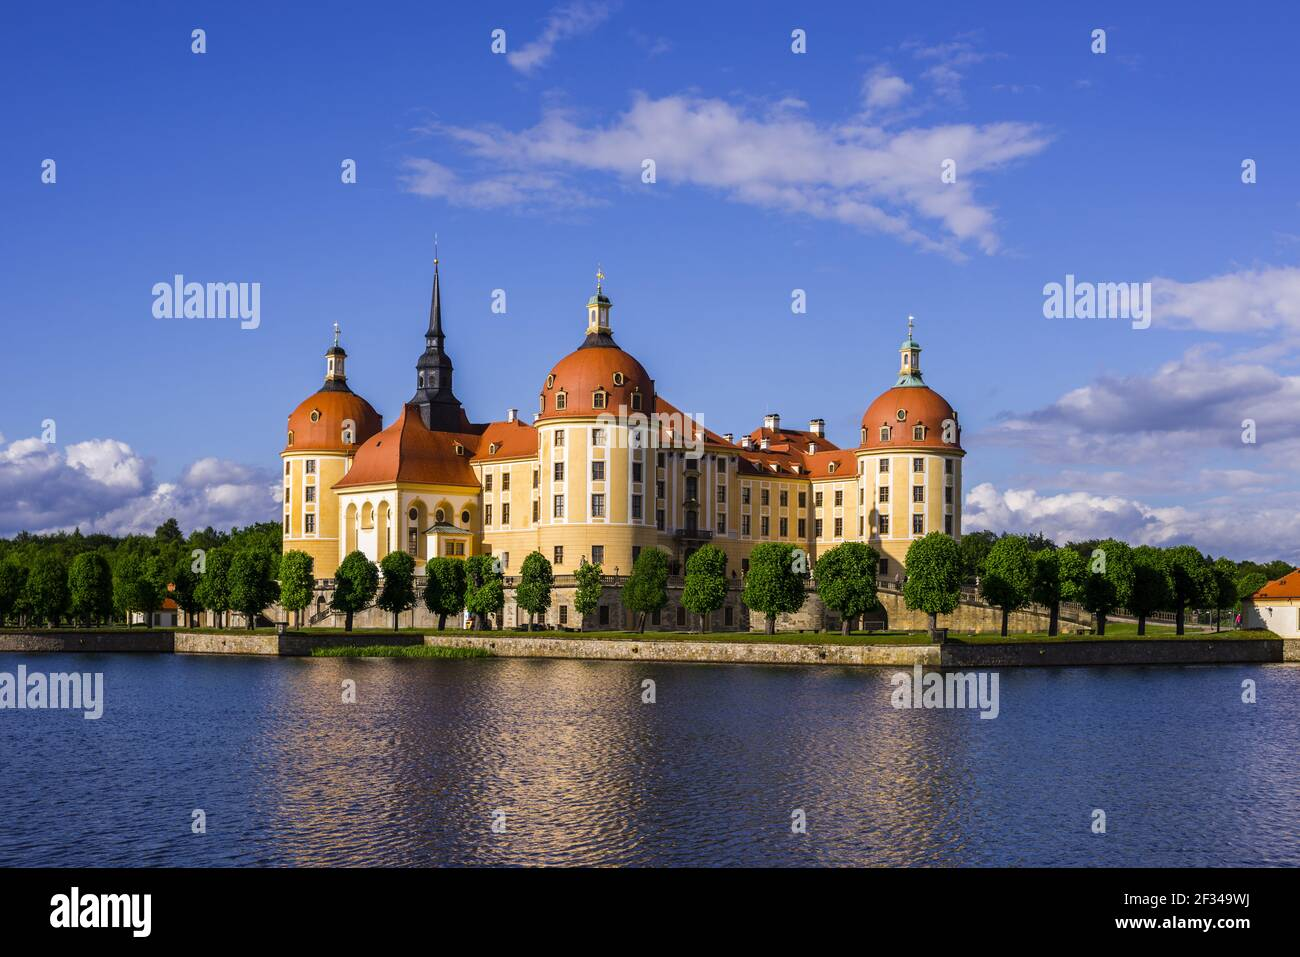 Géographie / Voyage, Allemagne, Saxe, château de Moritzburg, communauté Moritzburg à Dresde, Saxe, liberté de Panorama Banque D'Images